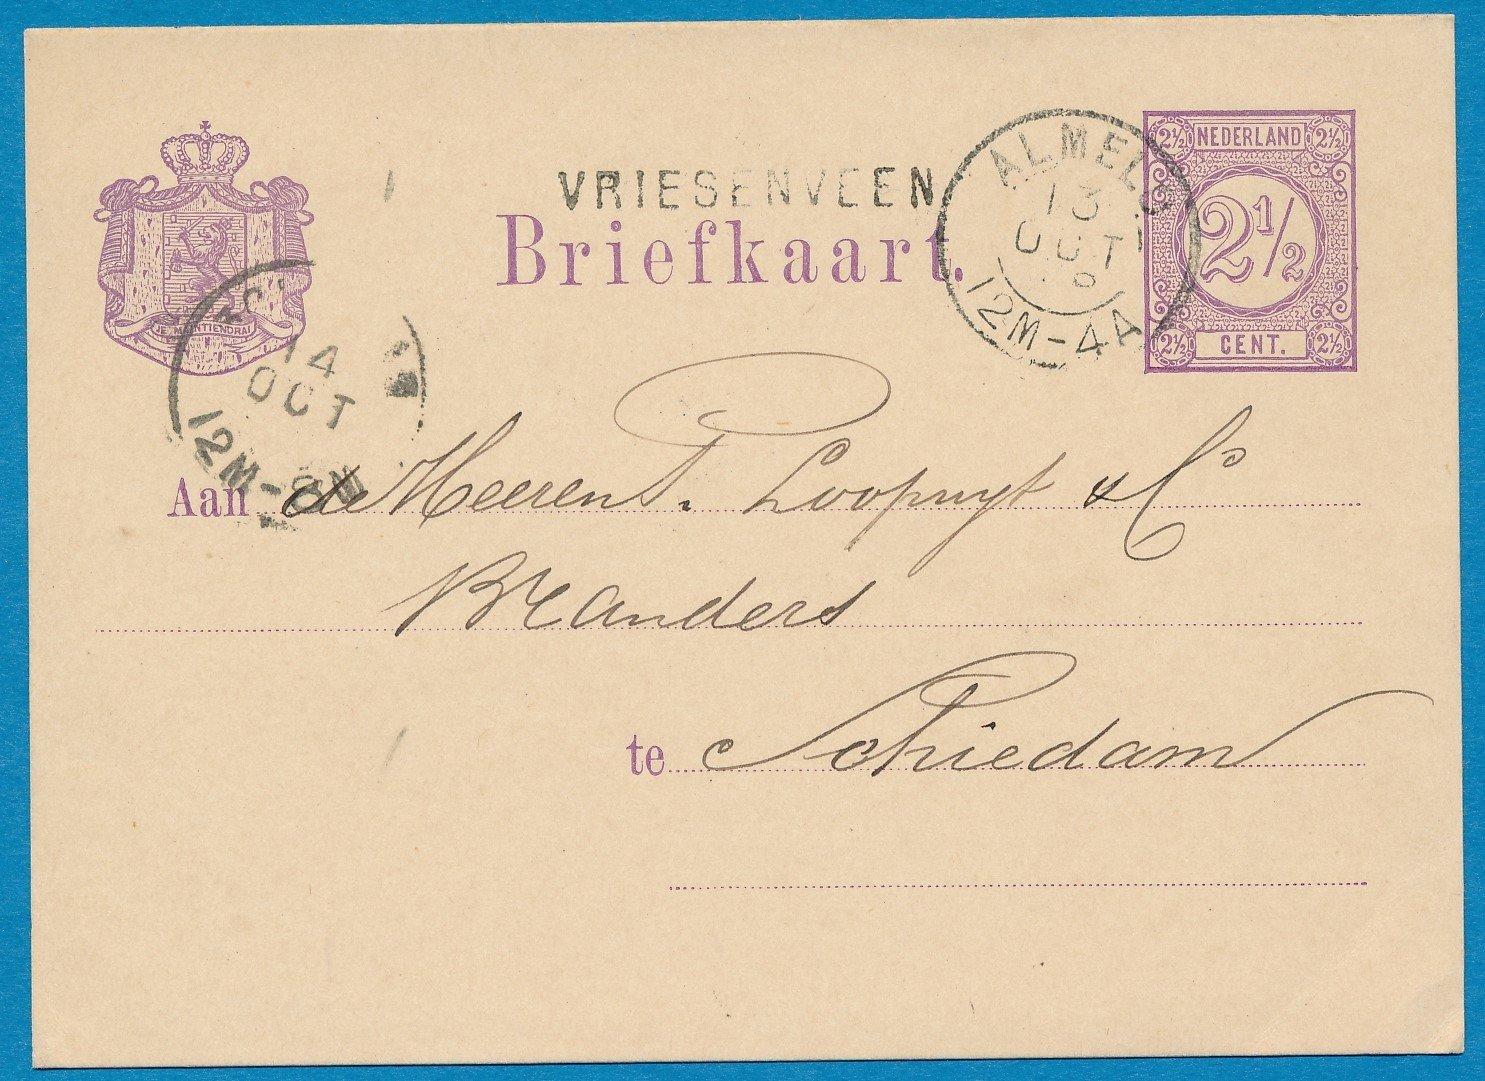 NEDERLAND briefkaart 1878 Vriesenveen naar Schiedam